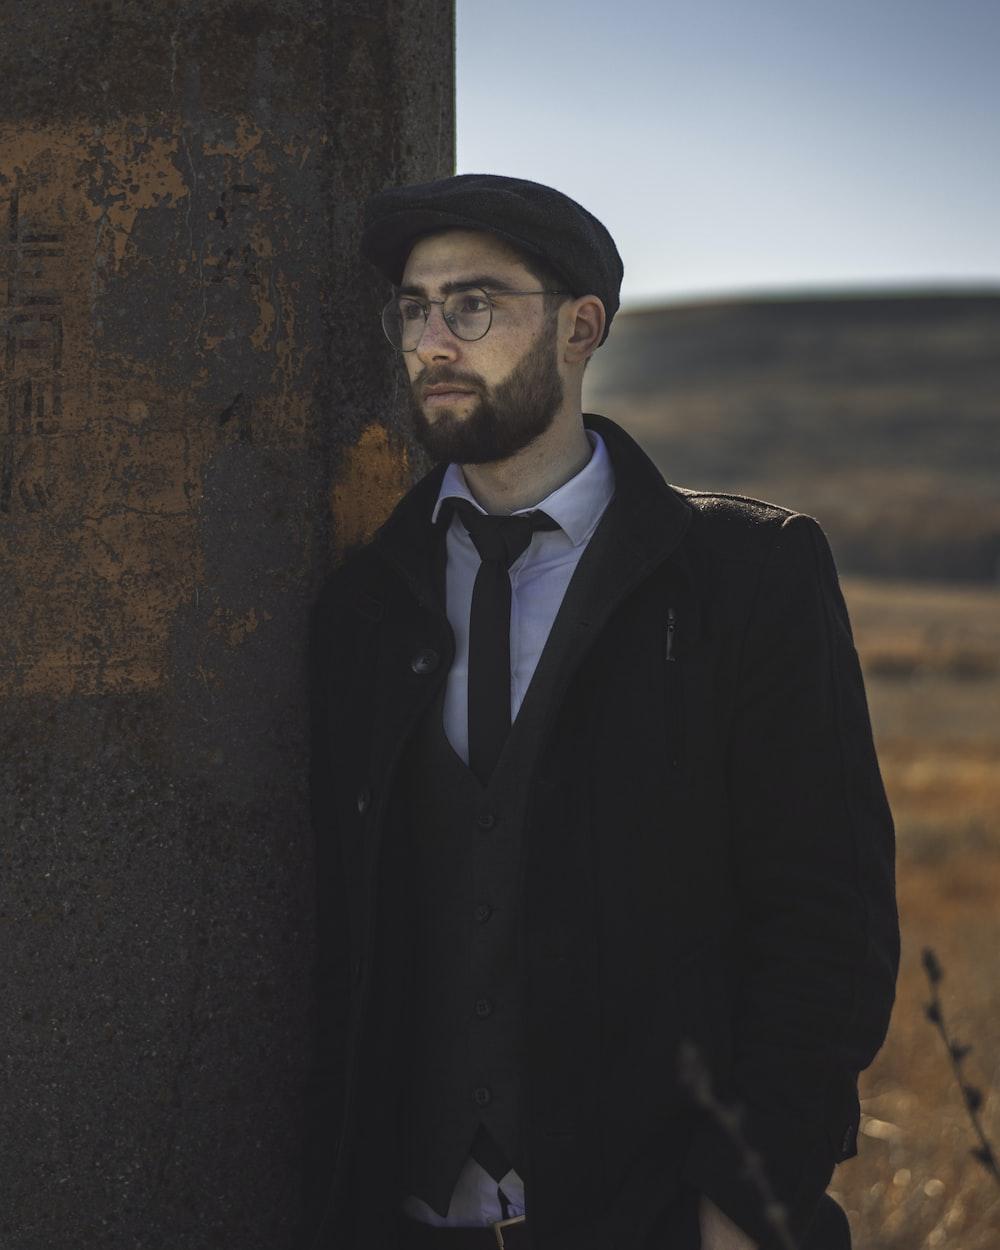 man in black suit jacket standing beside brown wall